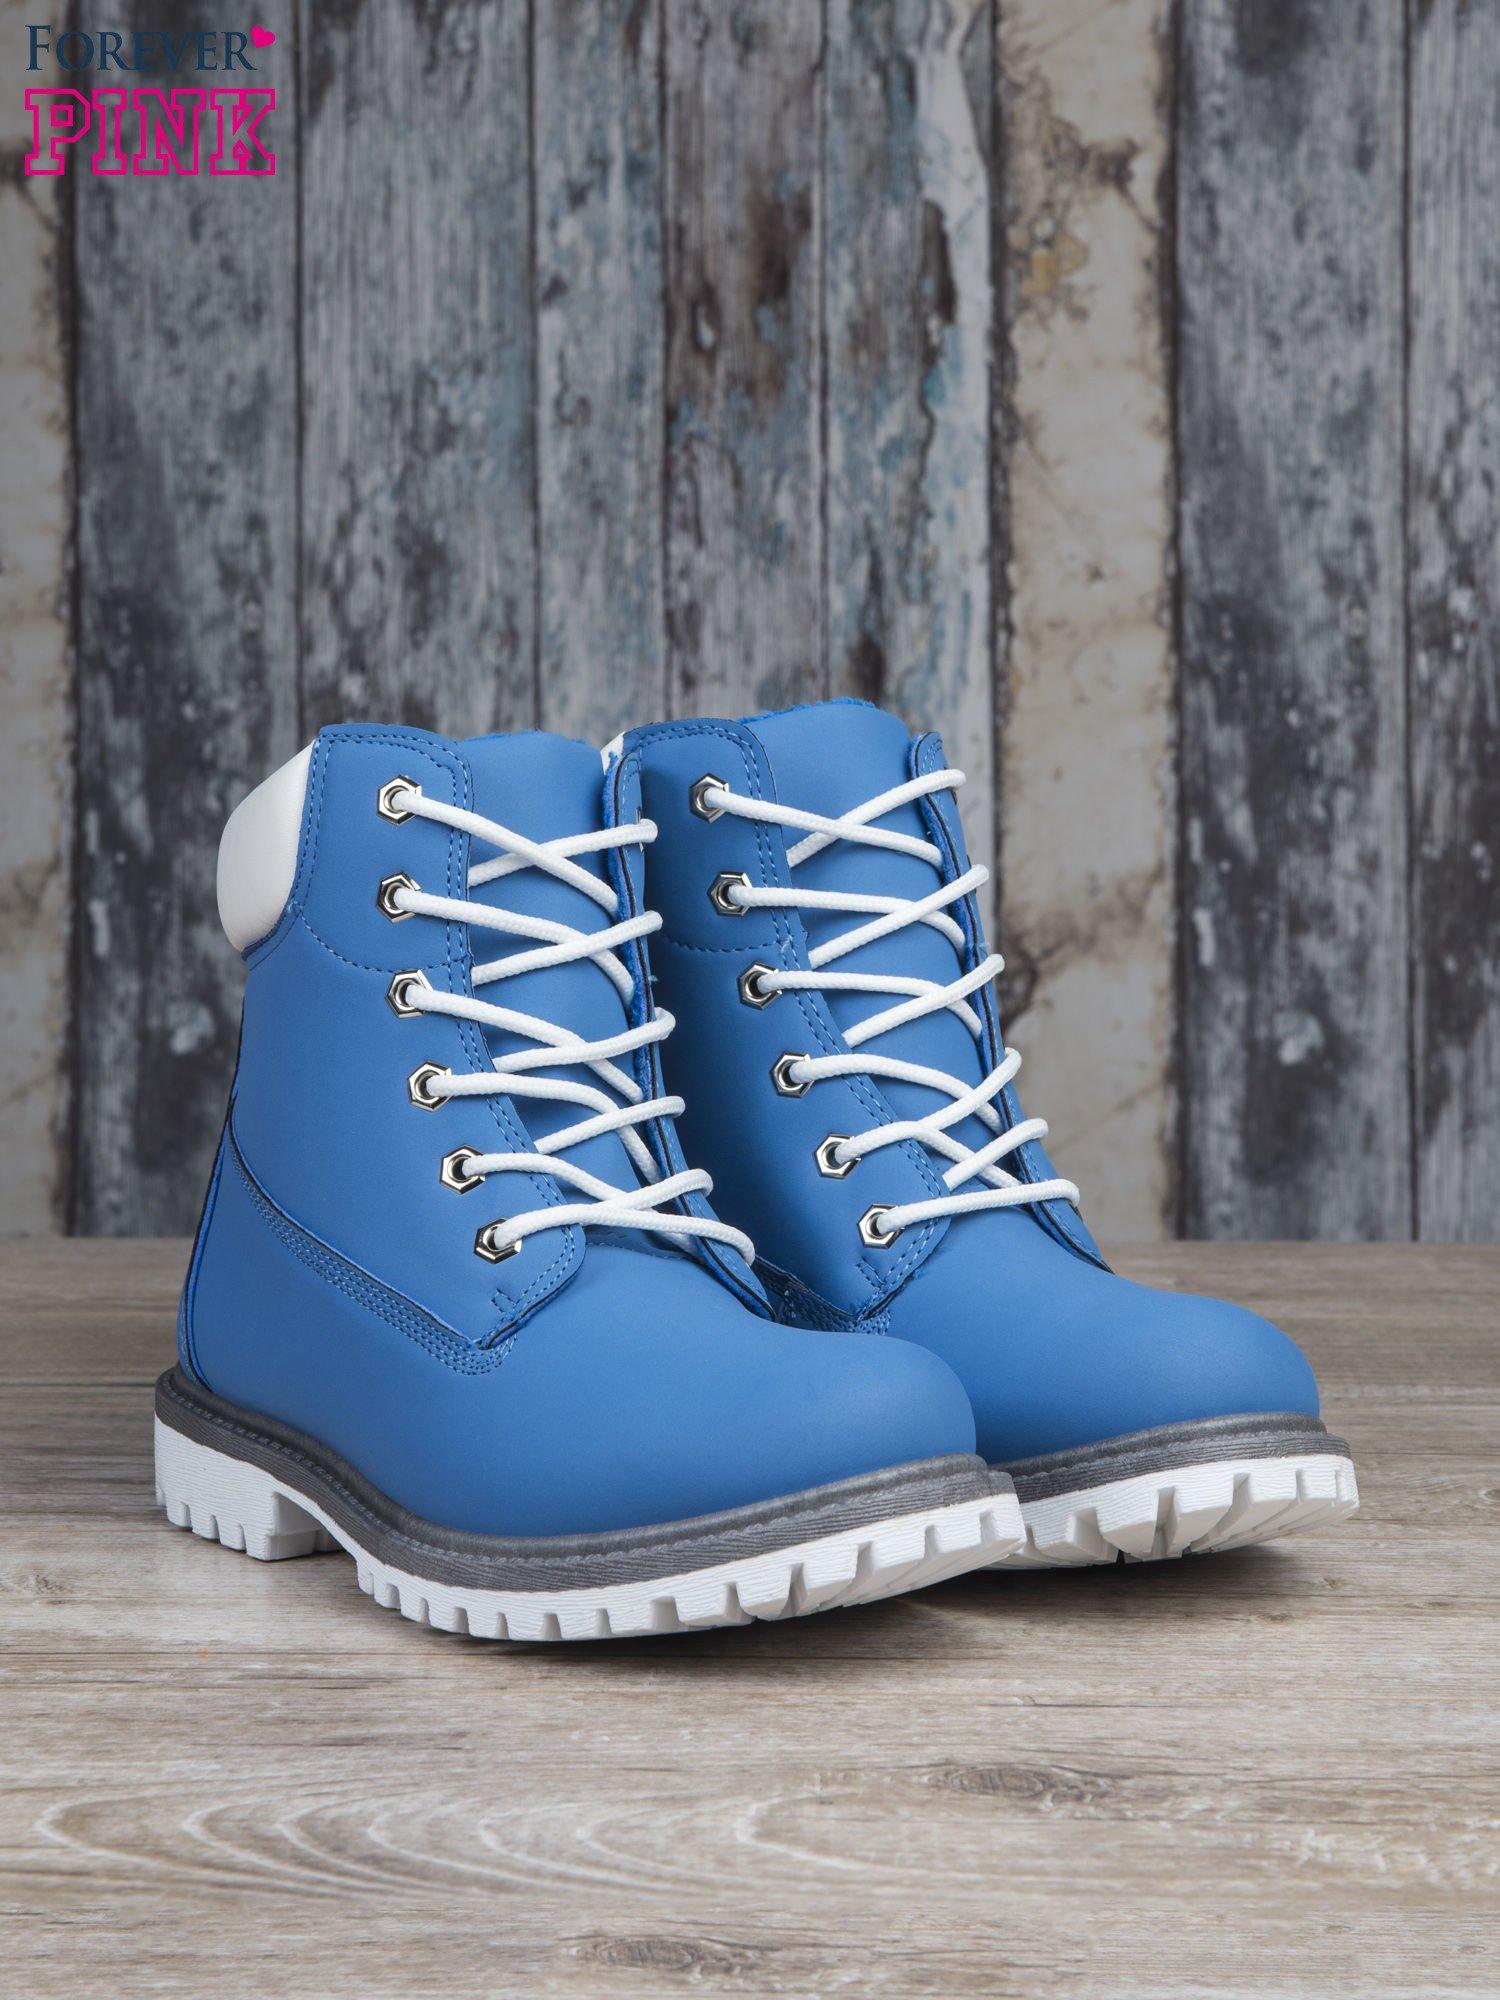 Jasnoniebieskie buty trekkingowe damskie Amina traperki ocieplane                                  zdj.                                  3